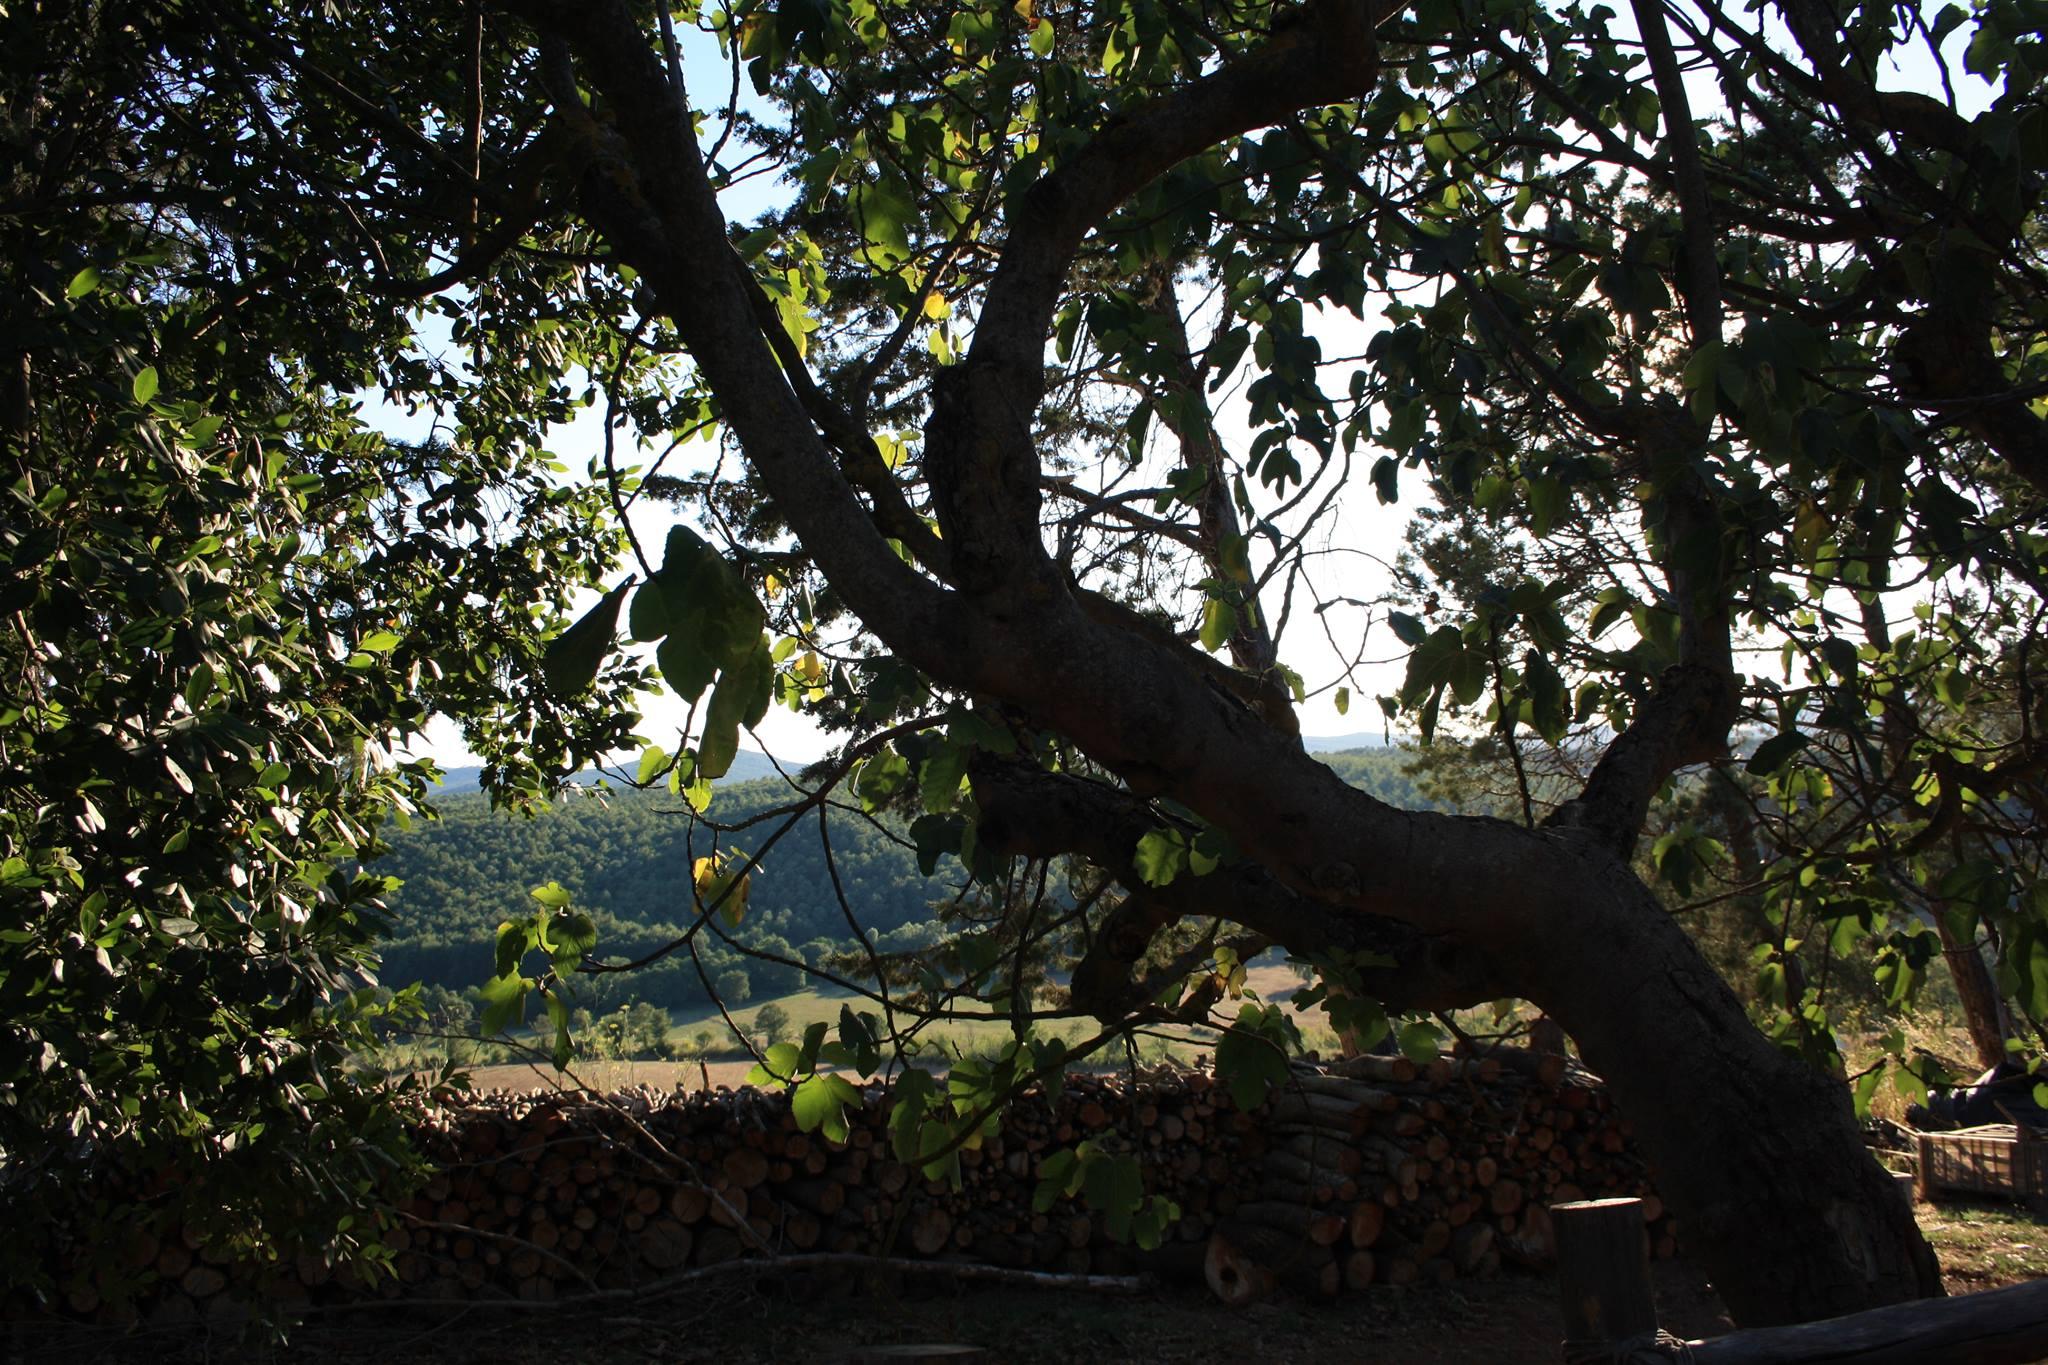 Luoghi insoliti: dormire in una yurta nella campagna toscana